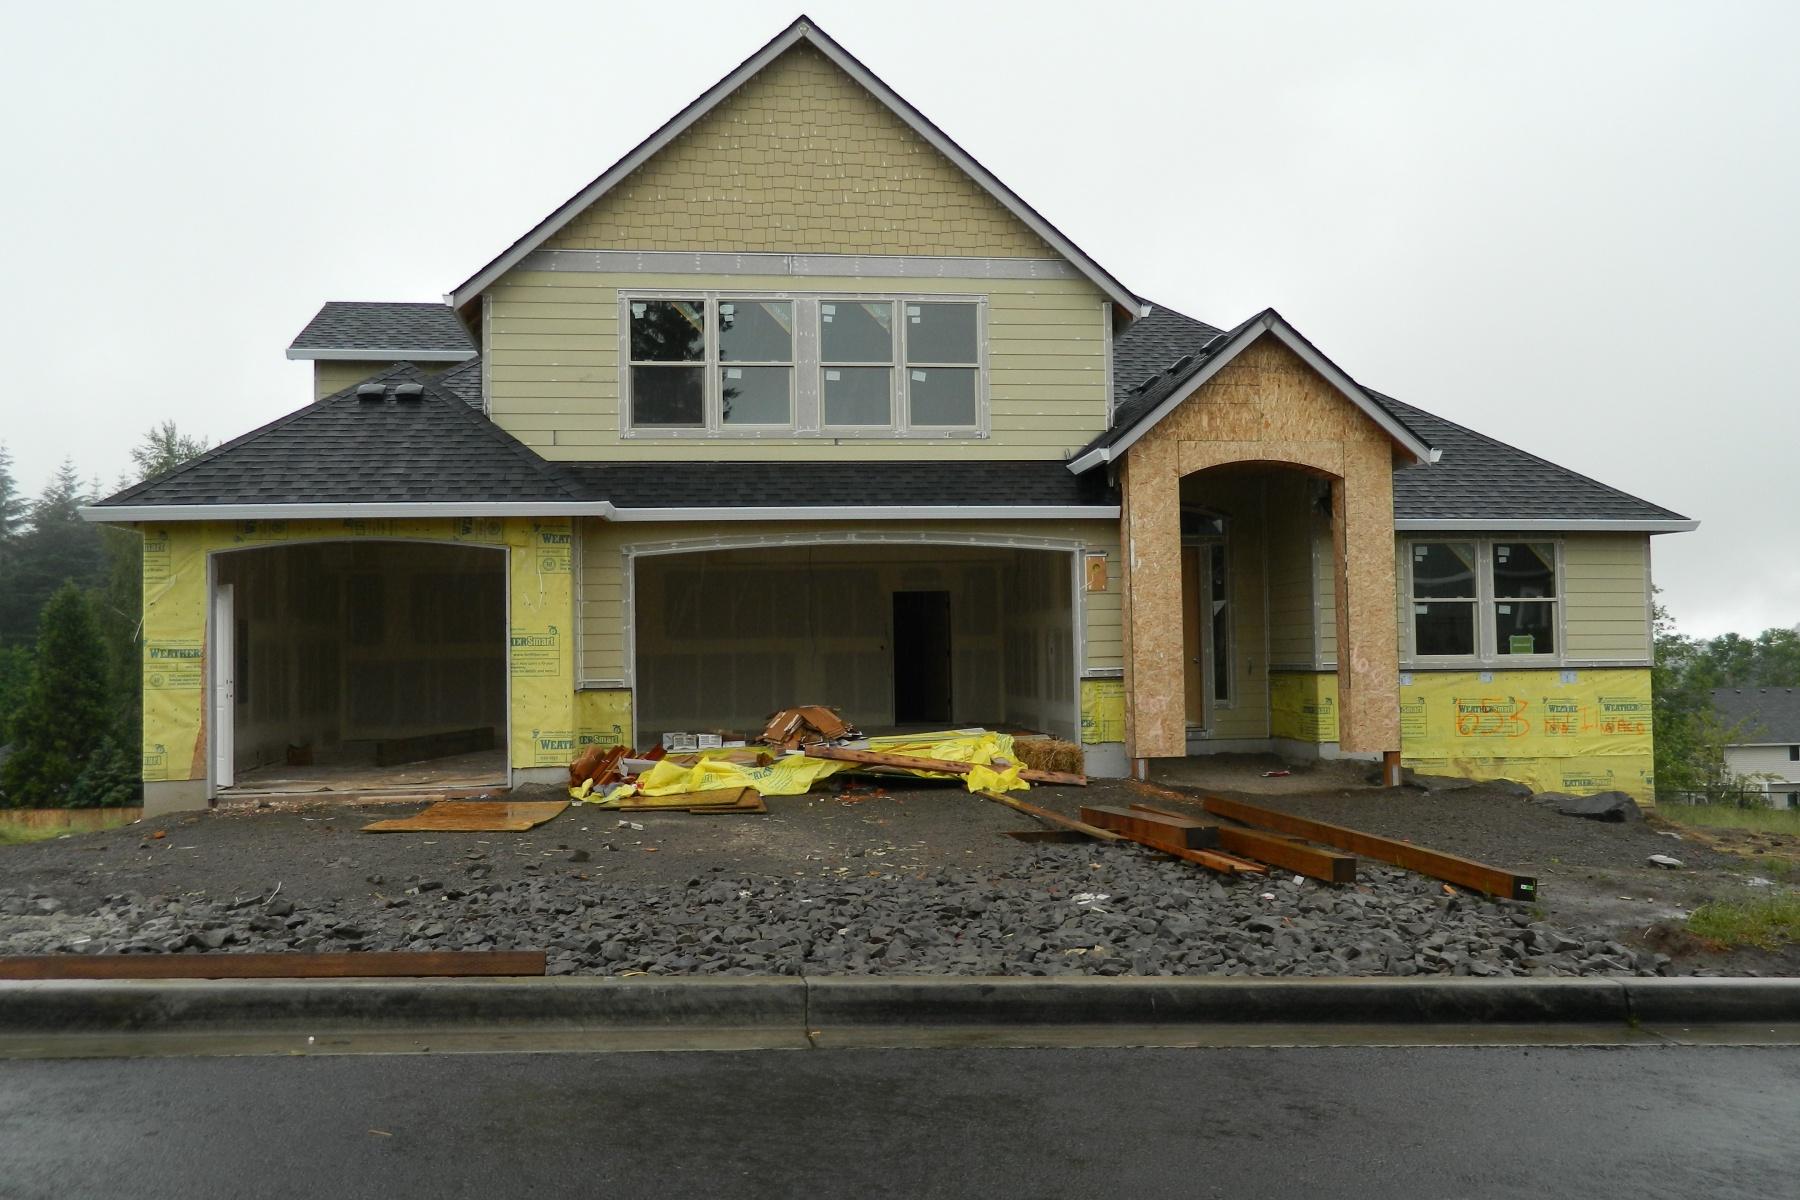 Single Family Home for Sale at 653 Ilwaco St , Camas, WA 98607 653 NW Ilwaco St Camas, Washington 98607 United States